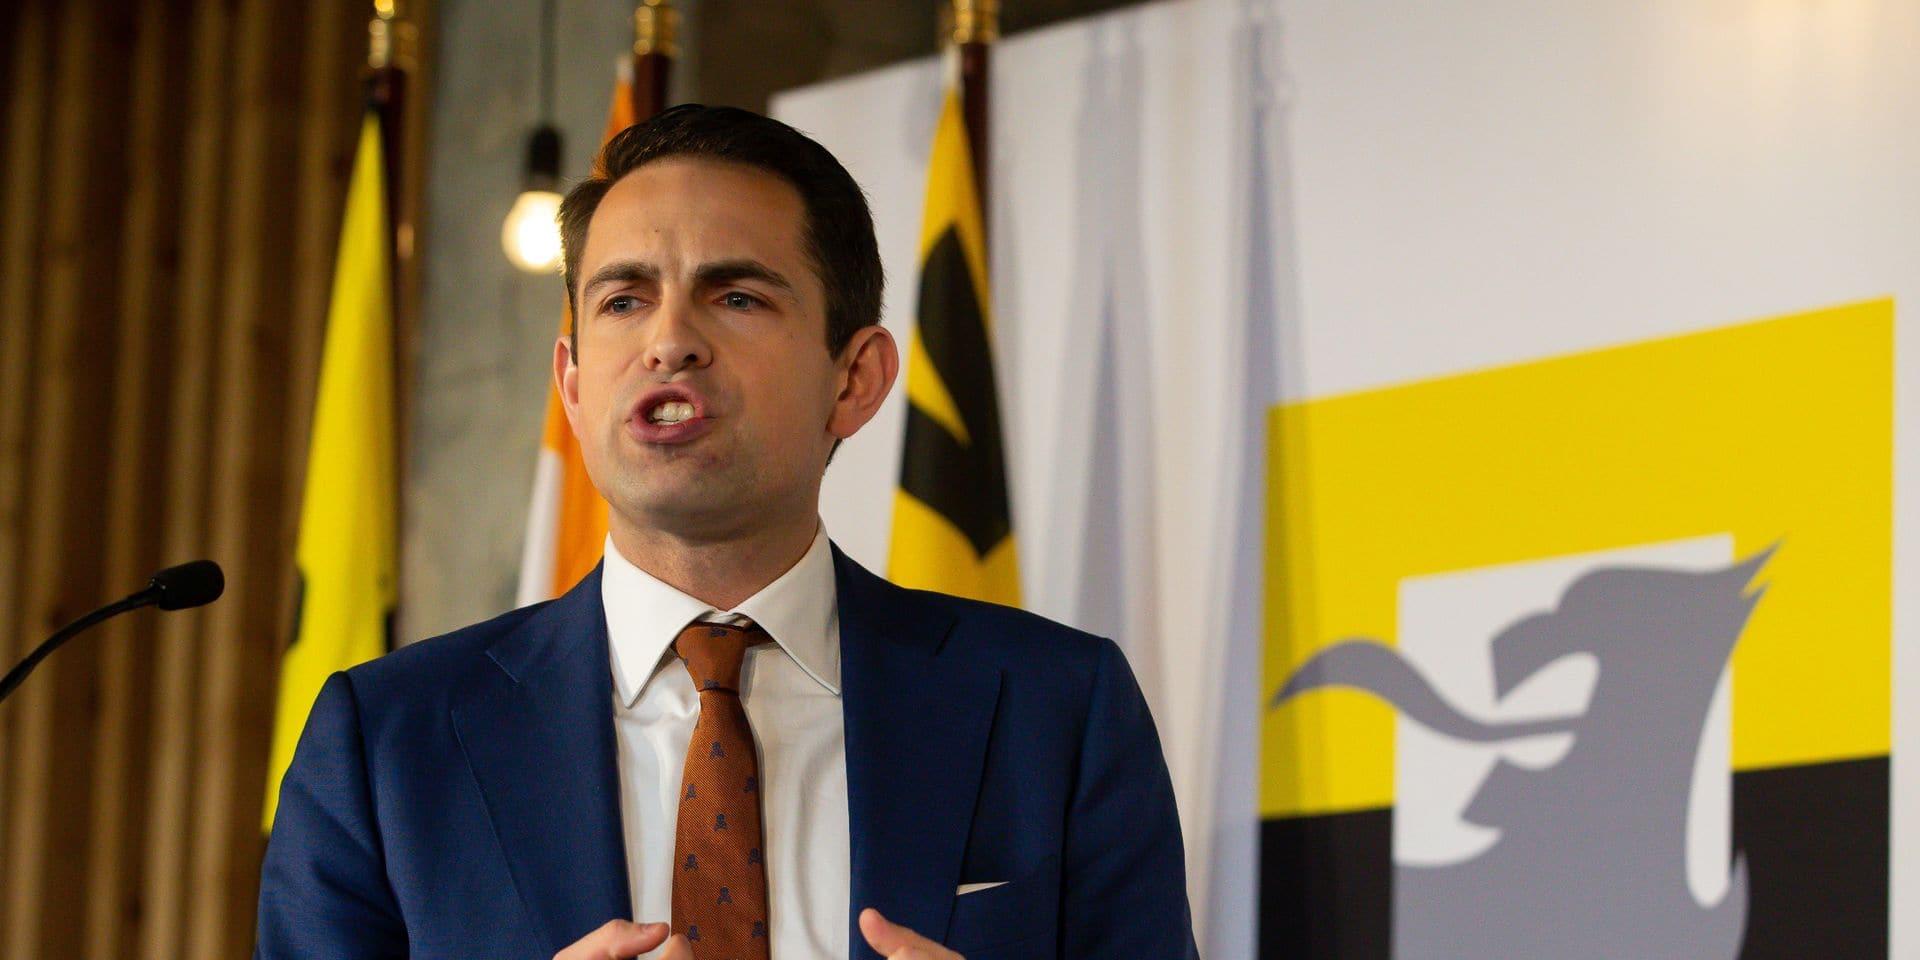 """Le leader du Vlaams Belang n'installe pas l'application Coronalert car il n'a """"pas confiance en l'Etat belge"""""""